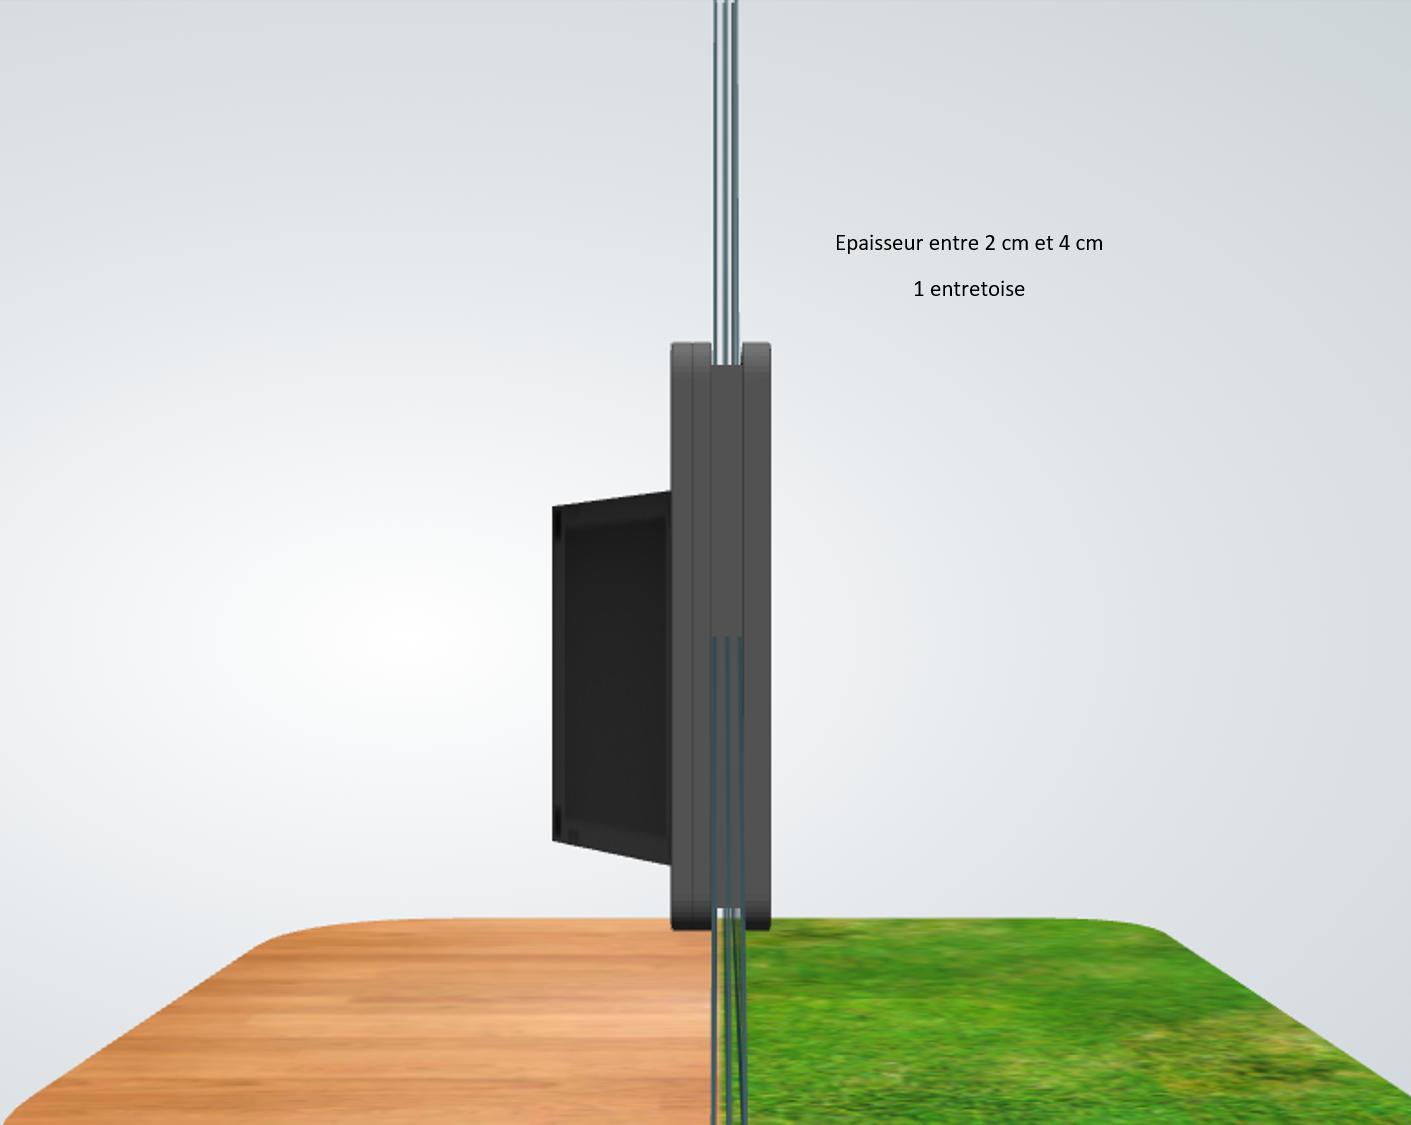 porte automatique odomestic entretoise épaisseur entre 2 cm et 4 cm